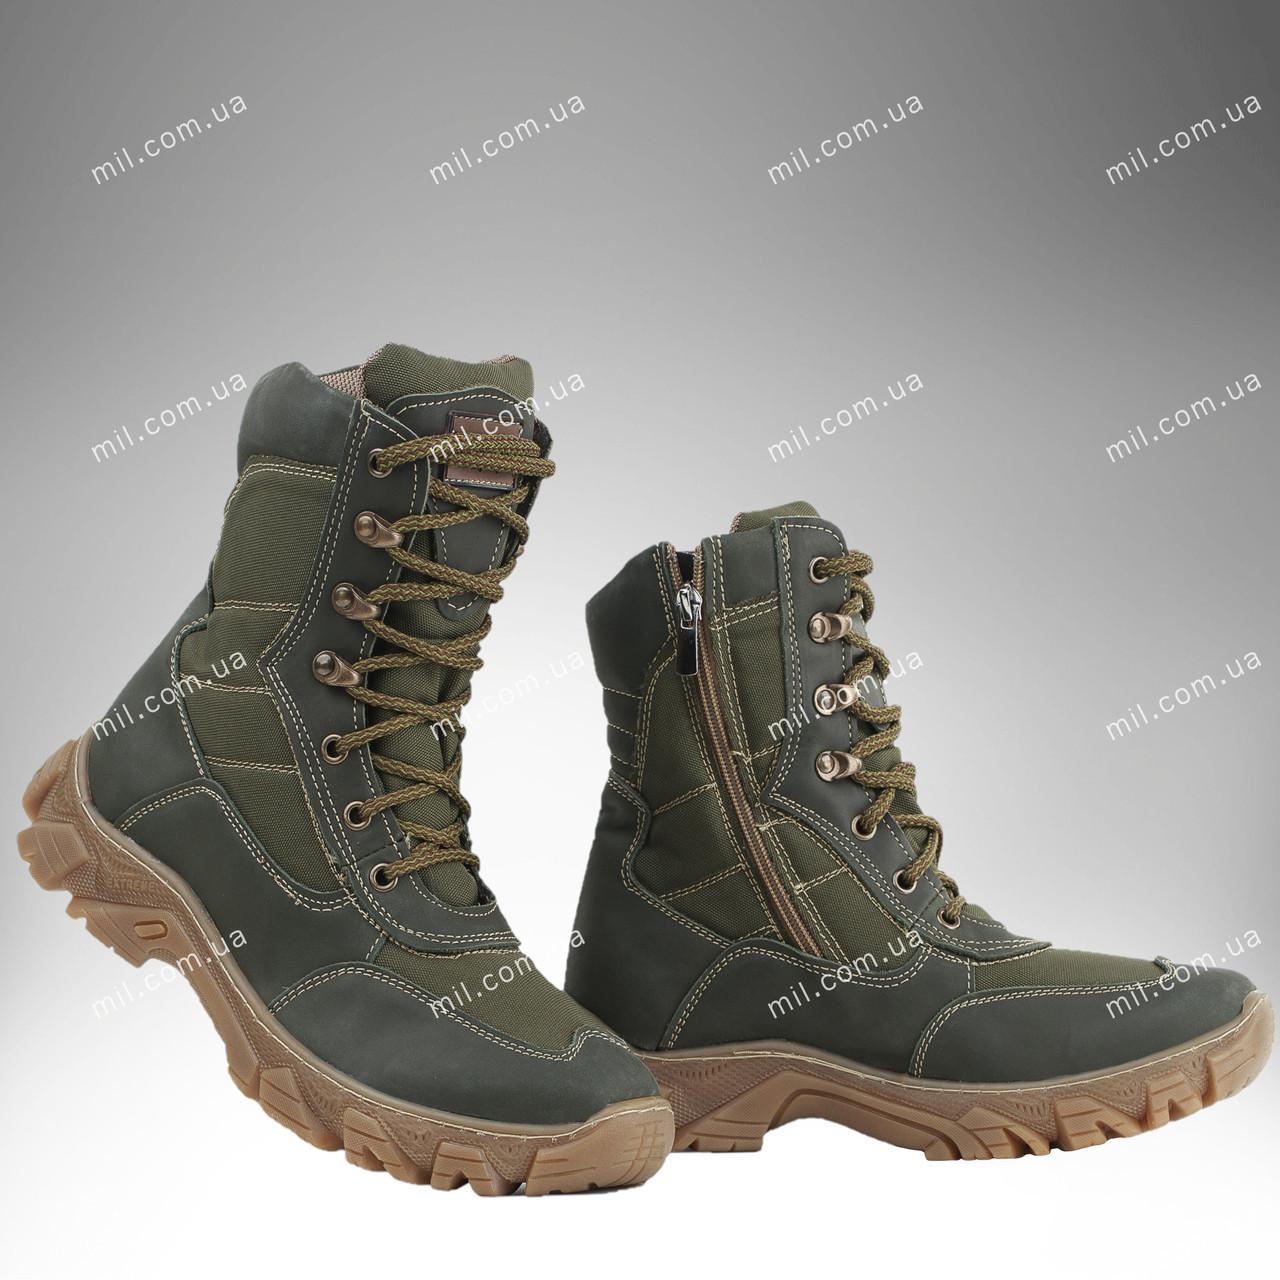 ⭐⭐Берцы демисезонные / военная, тактическая обувь АЛЬФА (оливковый)   берцы, берці, берци, военная обувь,